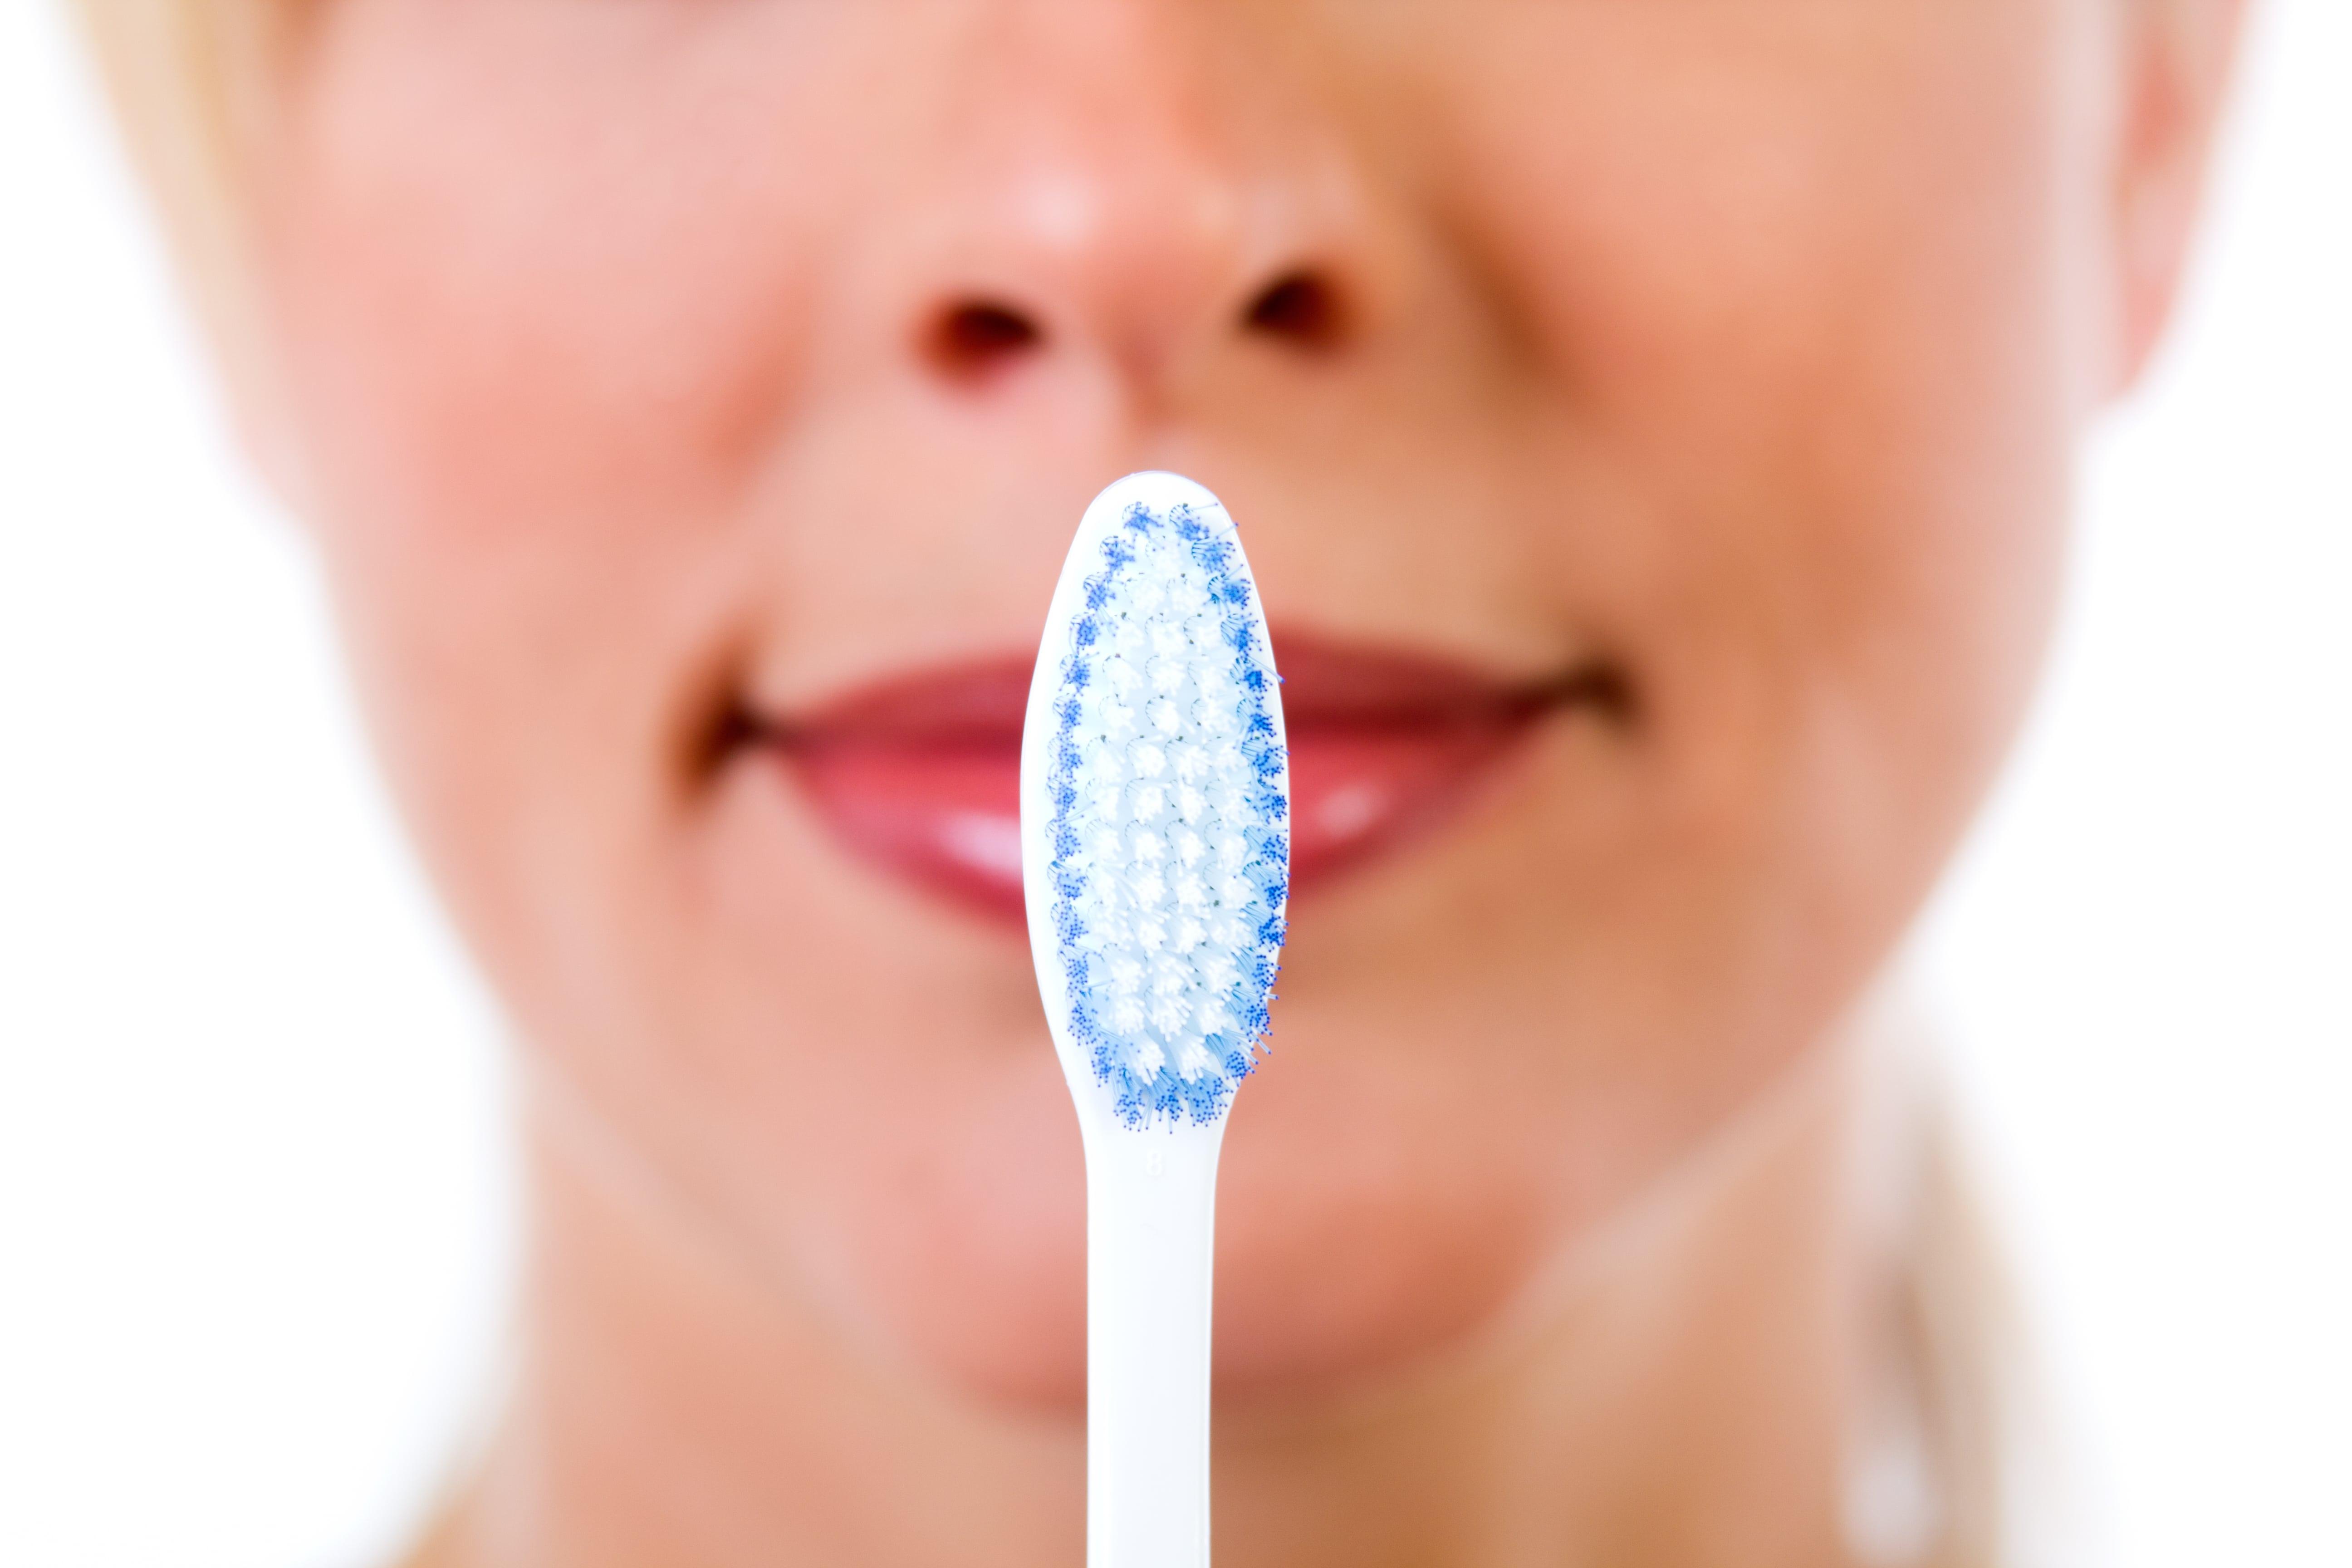 Bakterie v ústech. Co vám žije v puse?